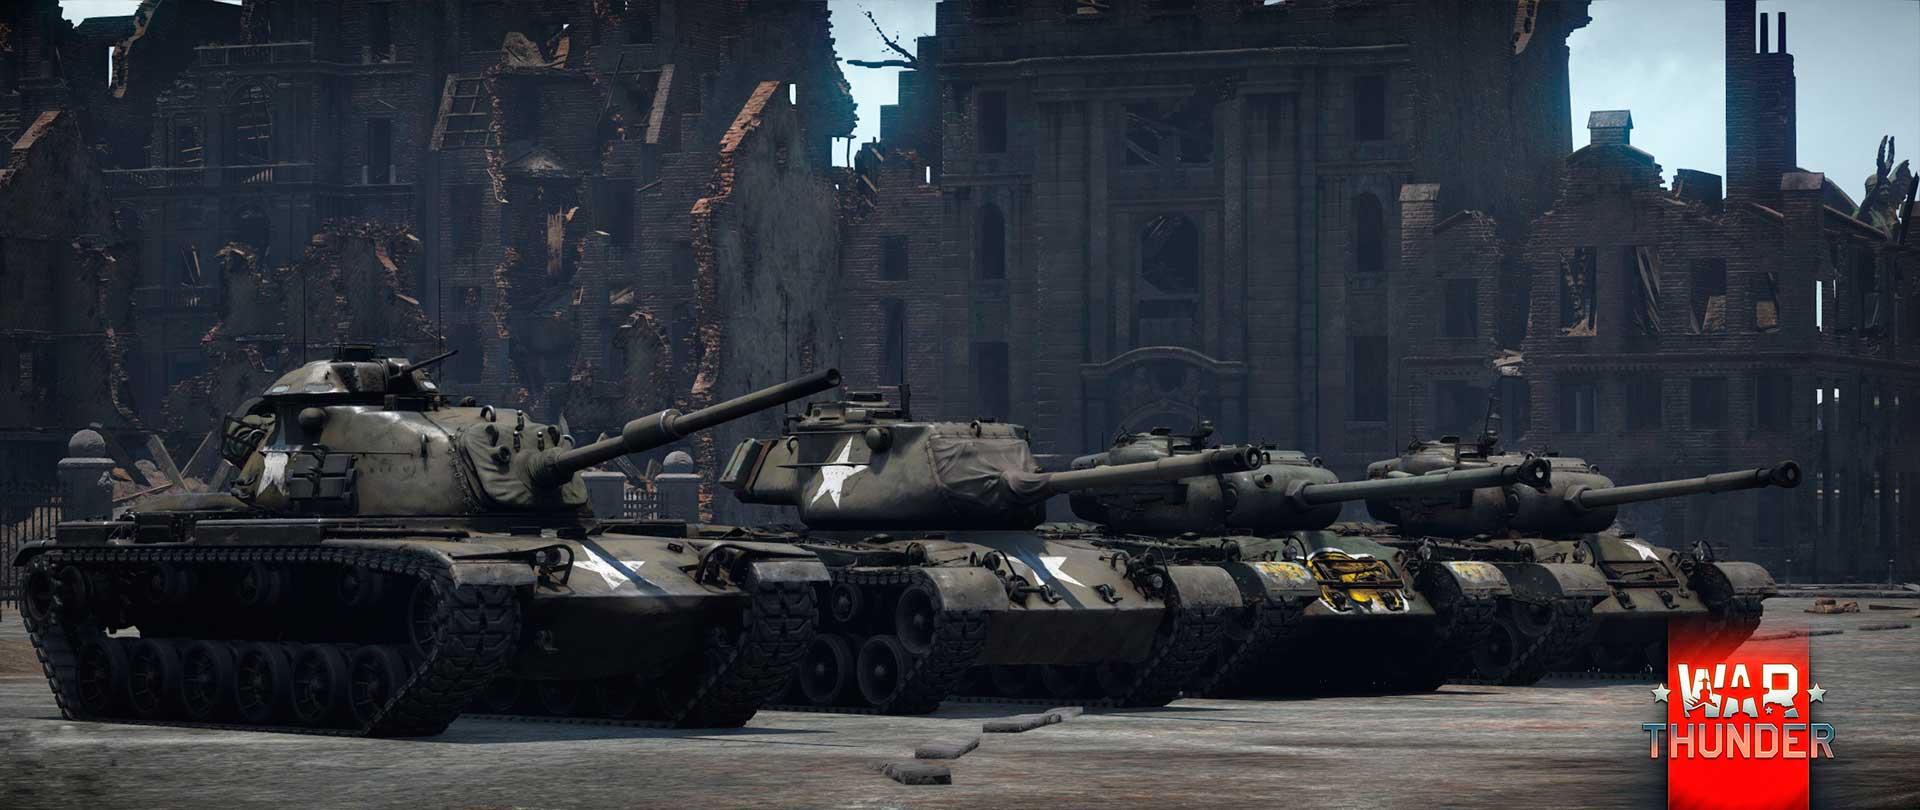 WarThunder3_gameli2016-5f